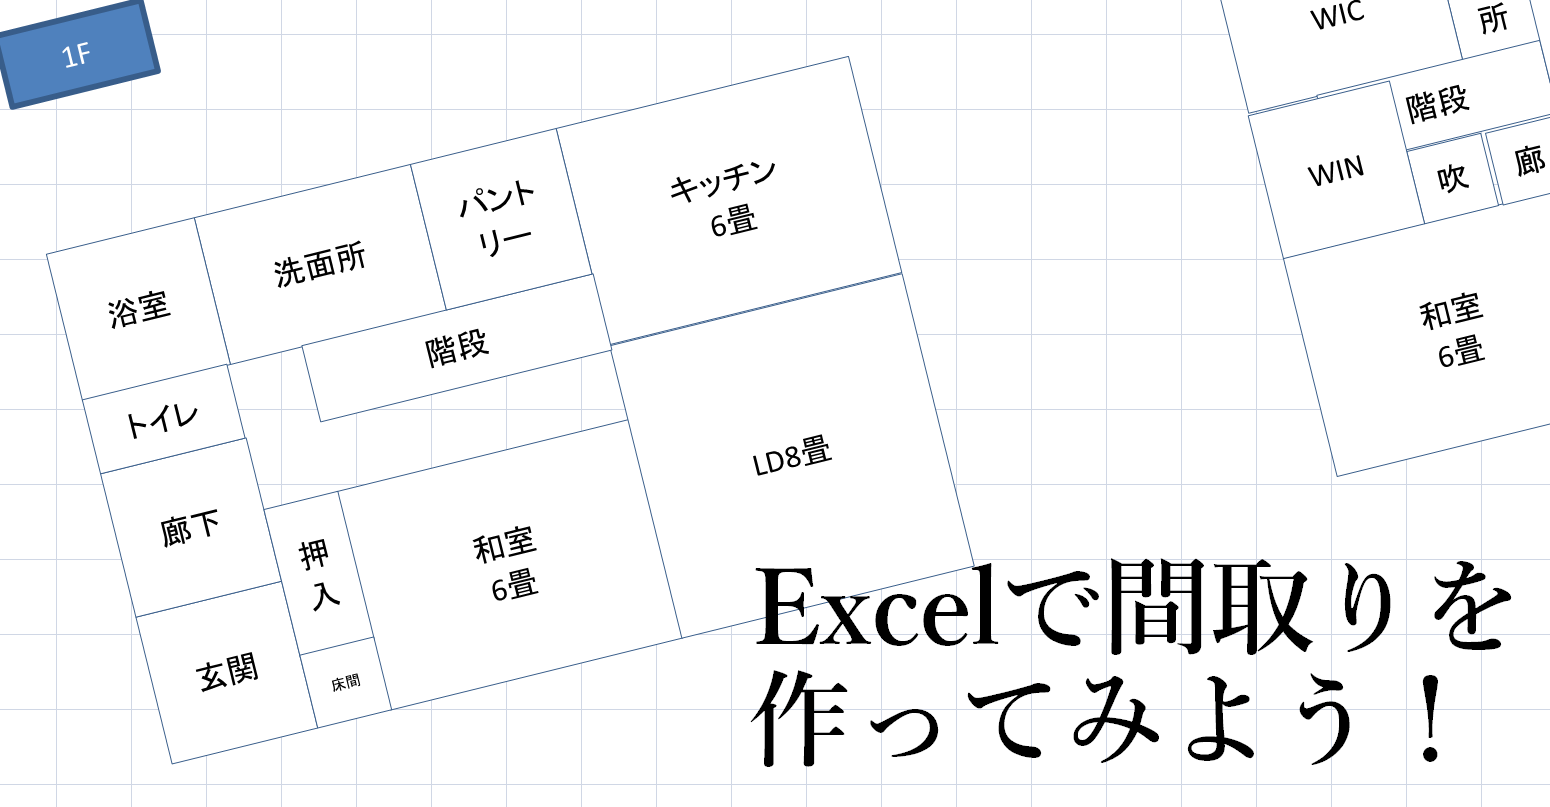 Excelで間取りを作る方法